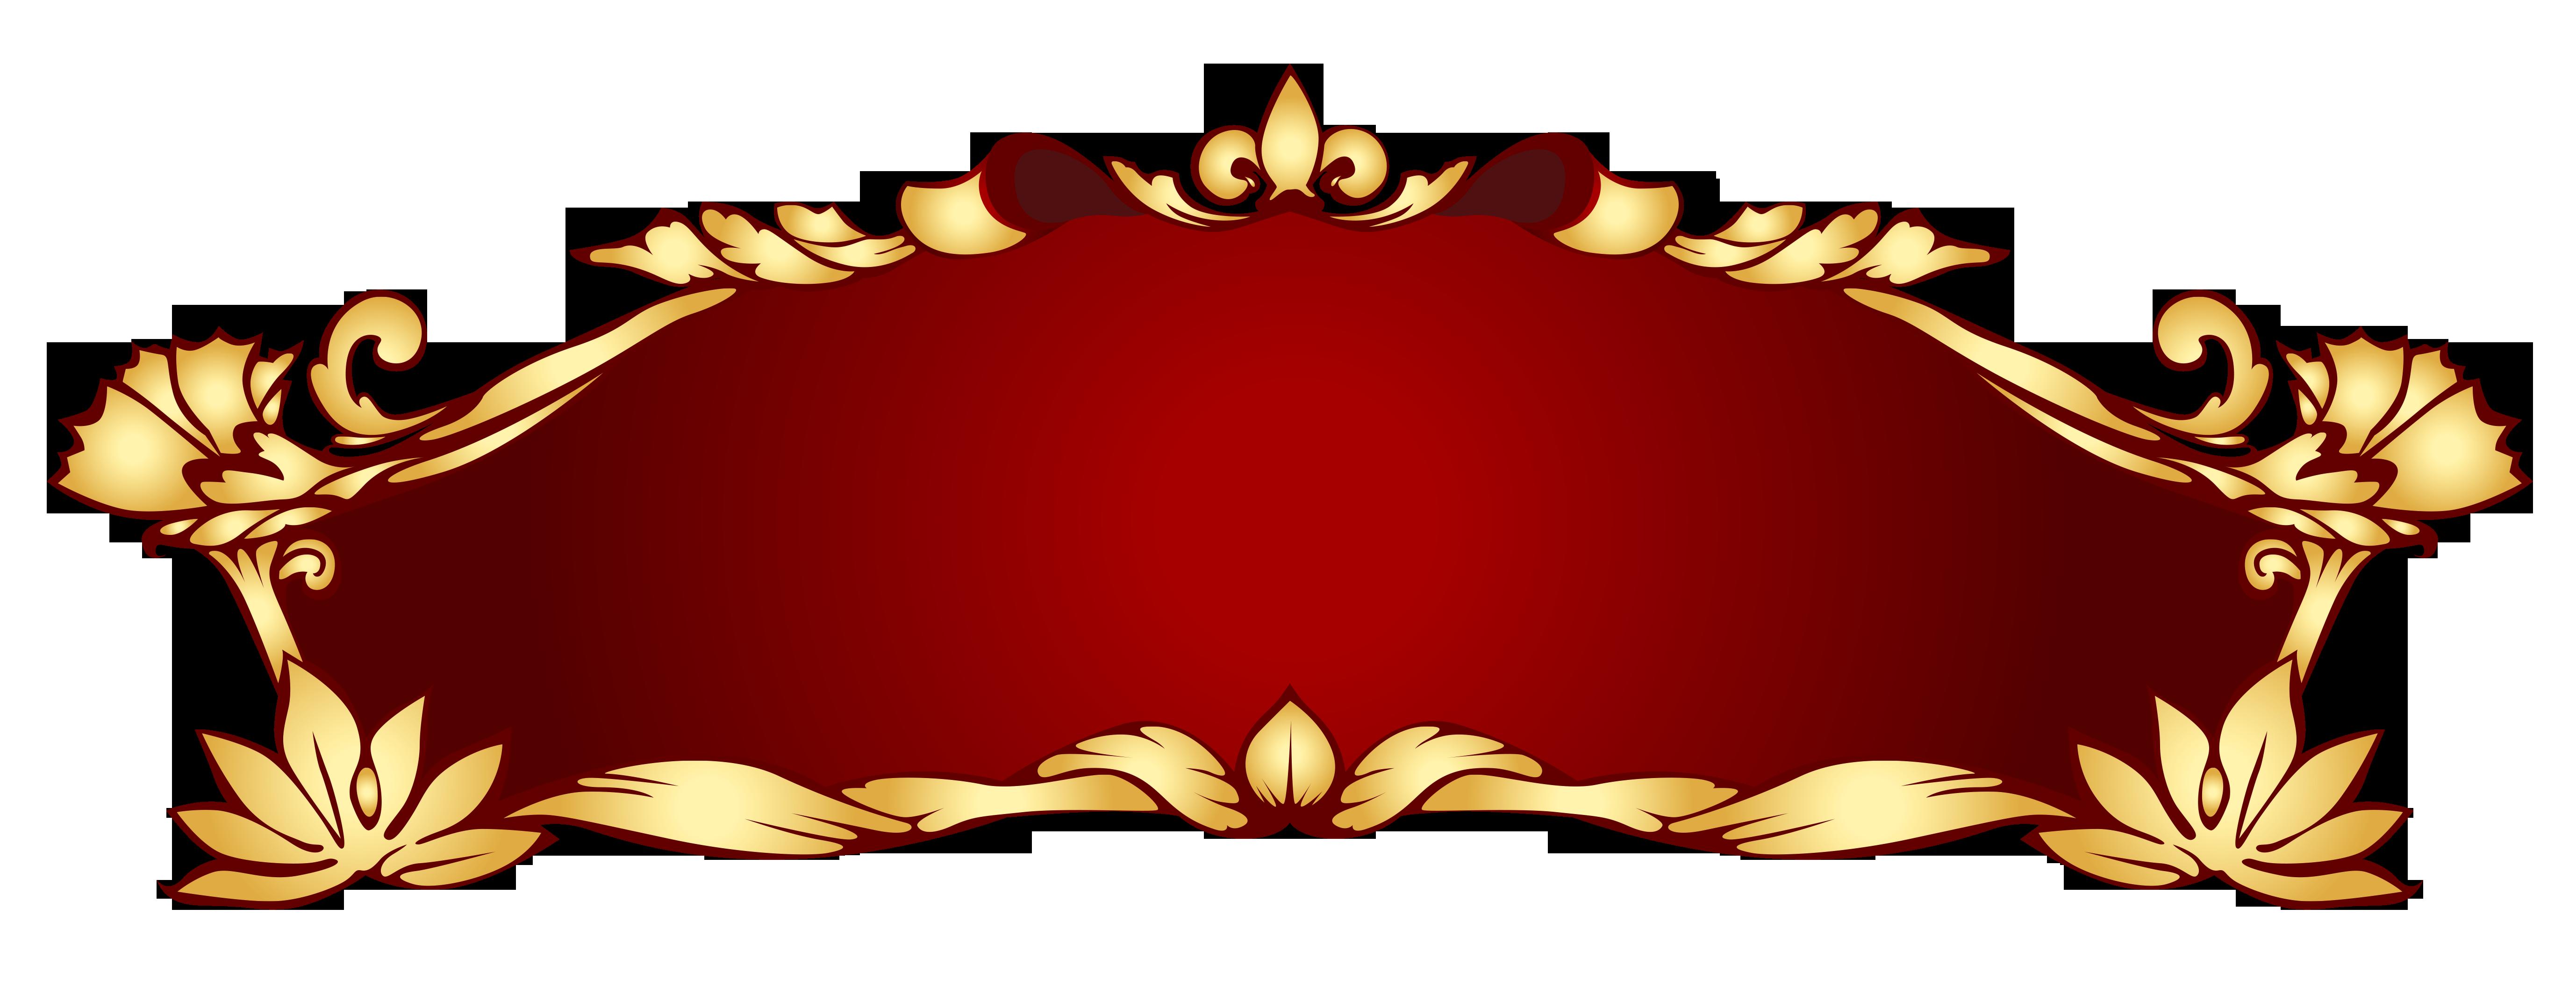 Banner Clip art.